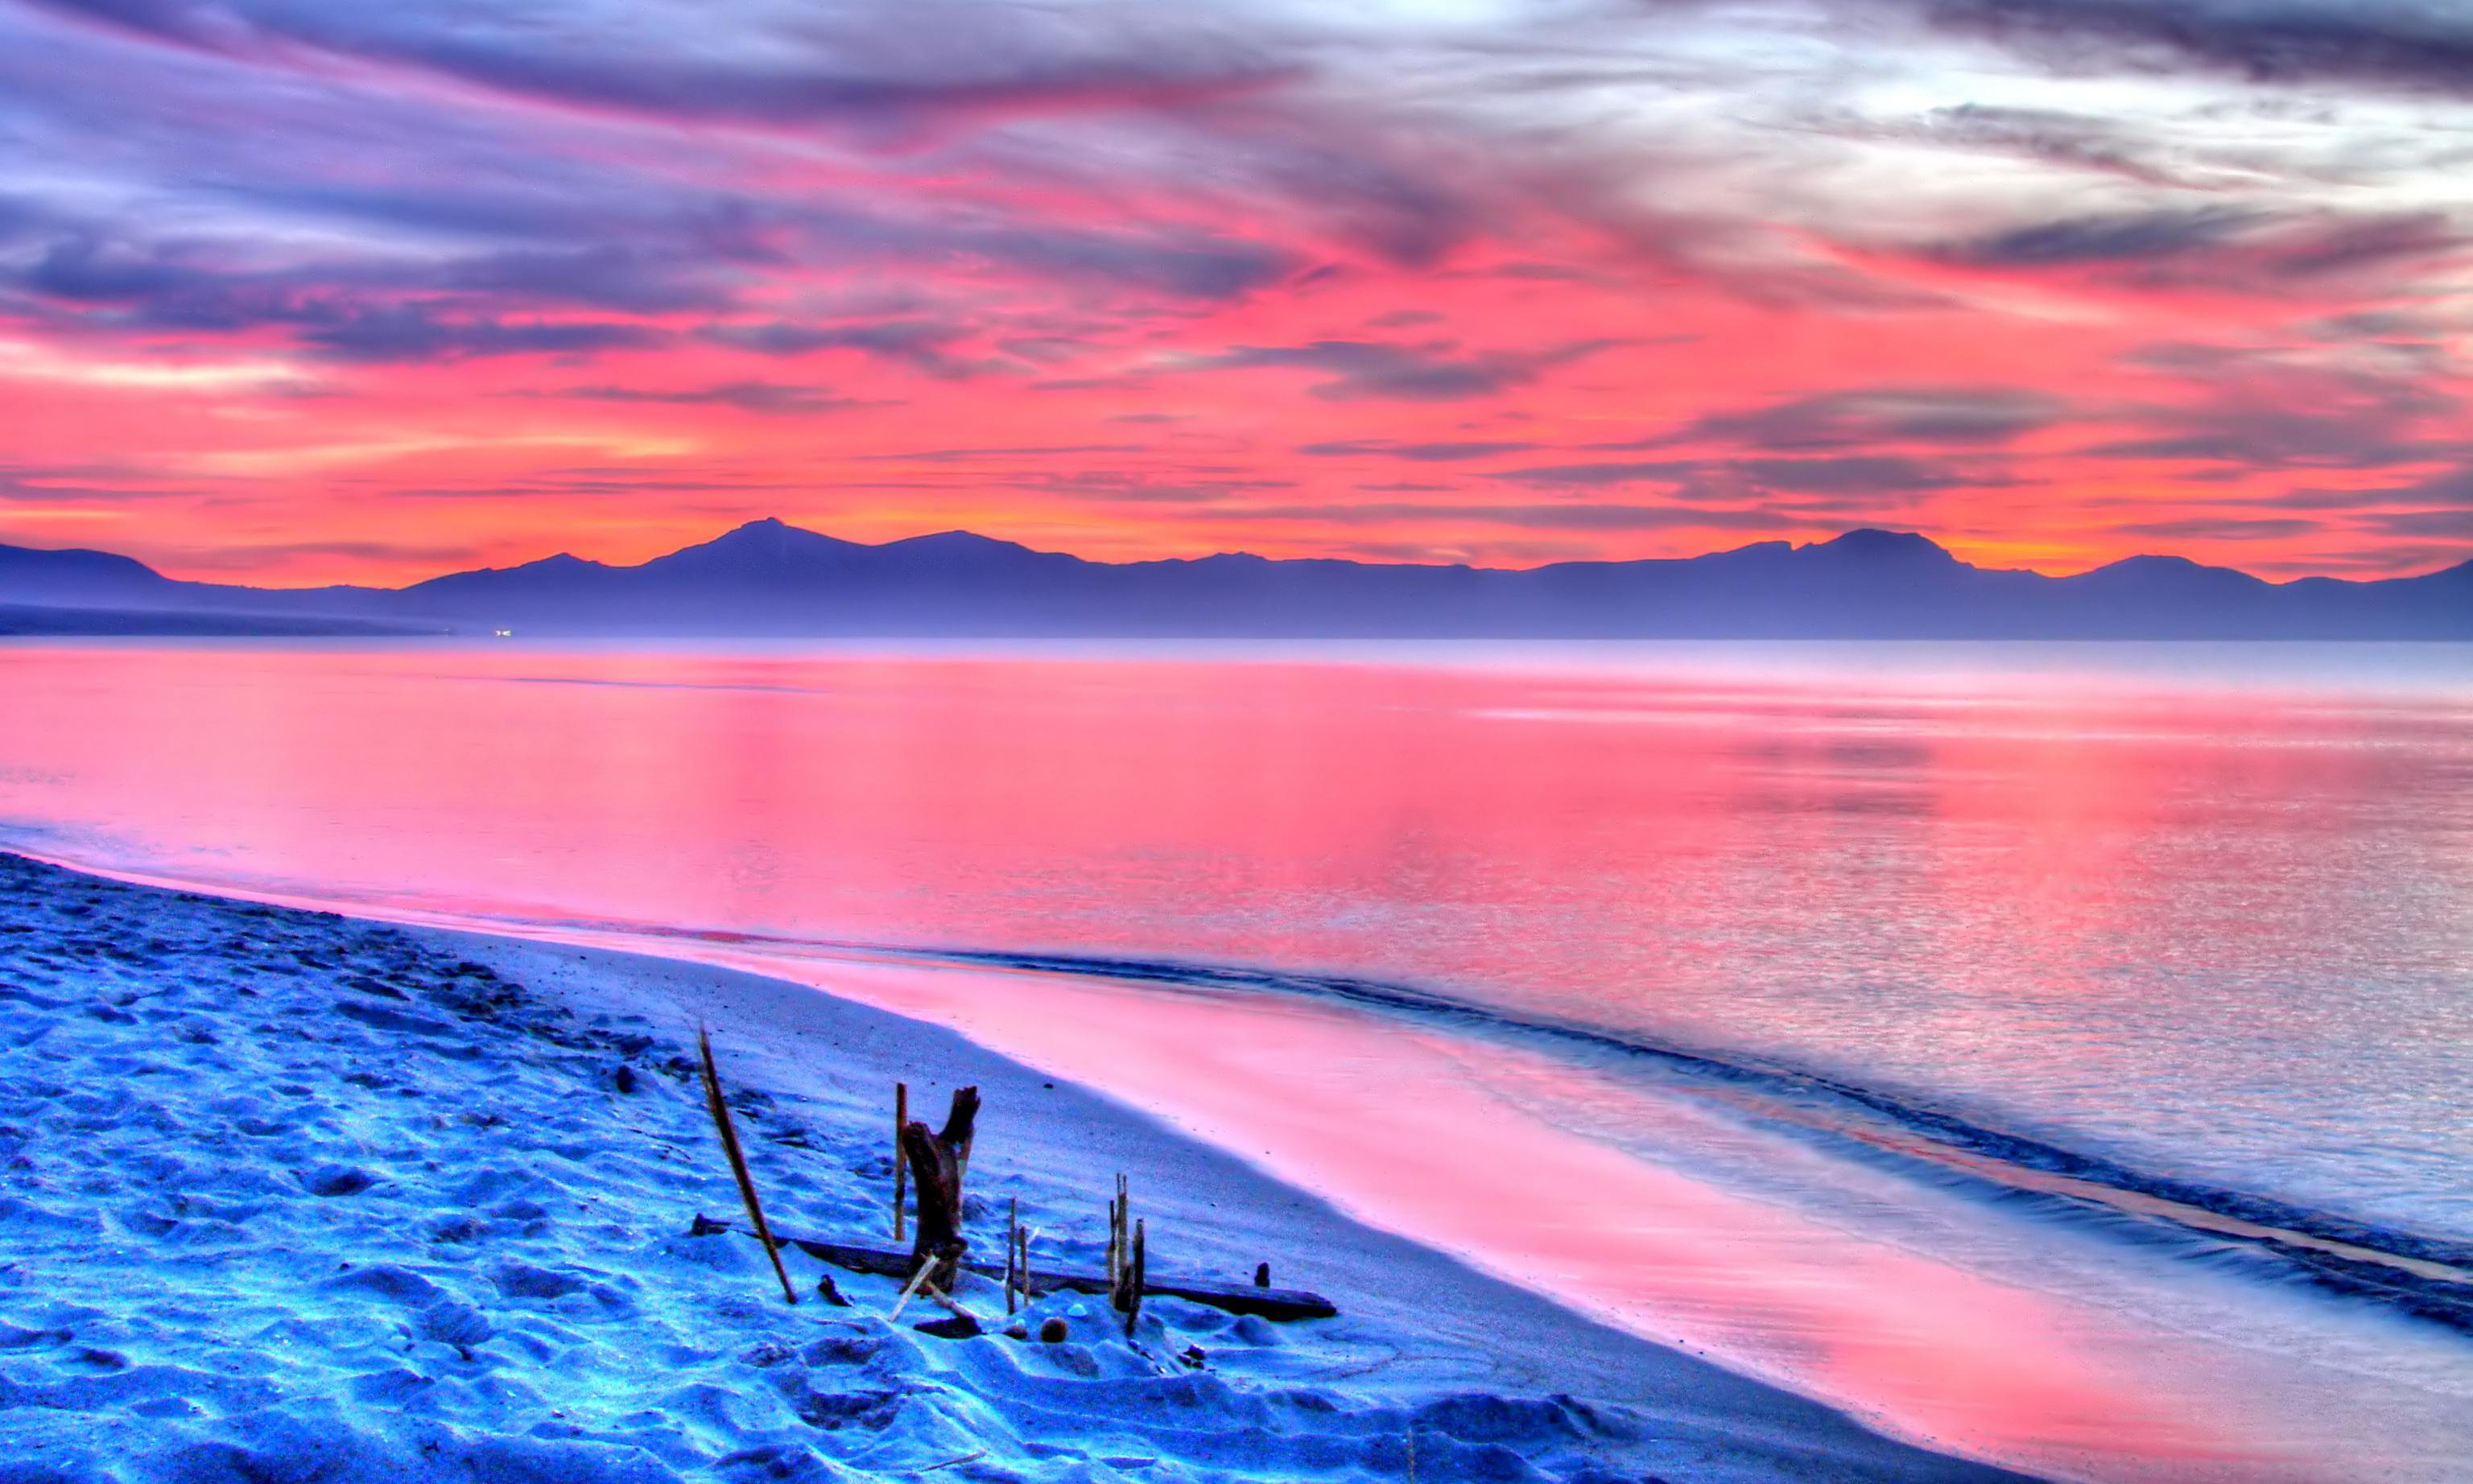 розовый закат, море, горы  № 3110093 без смс